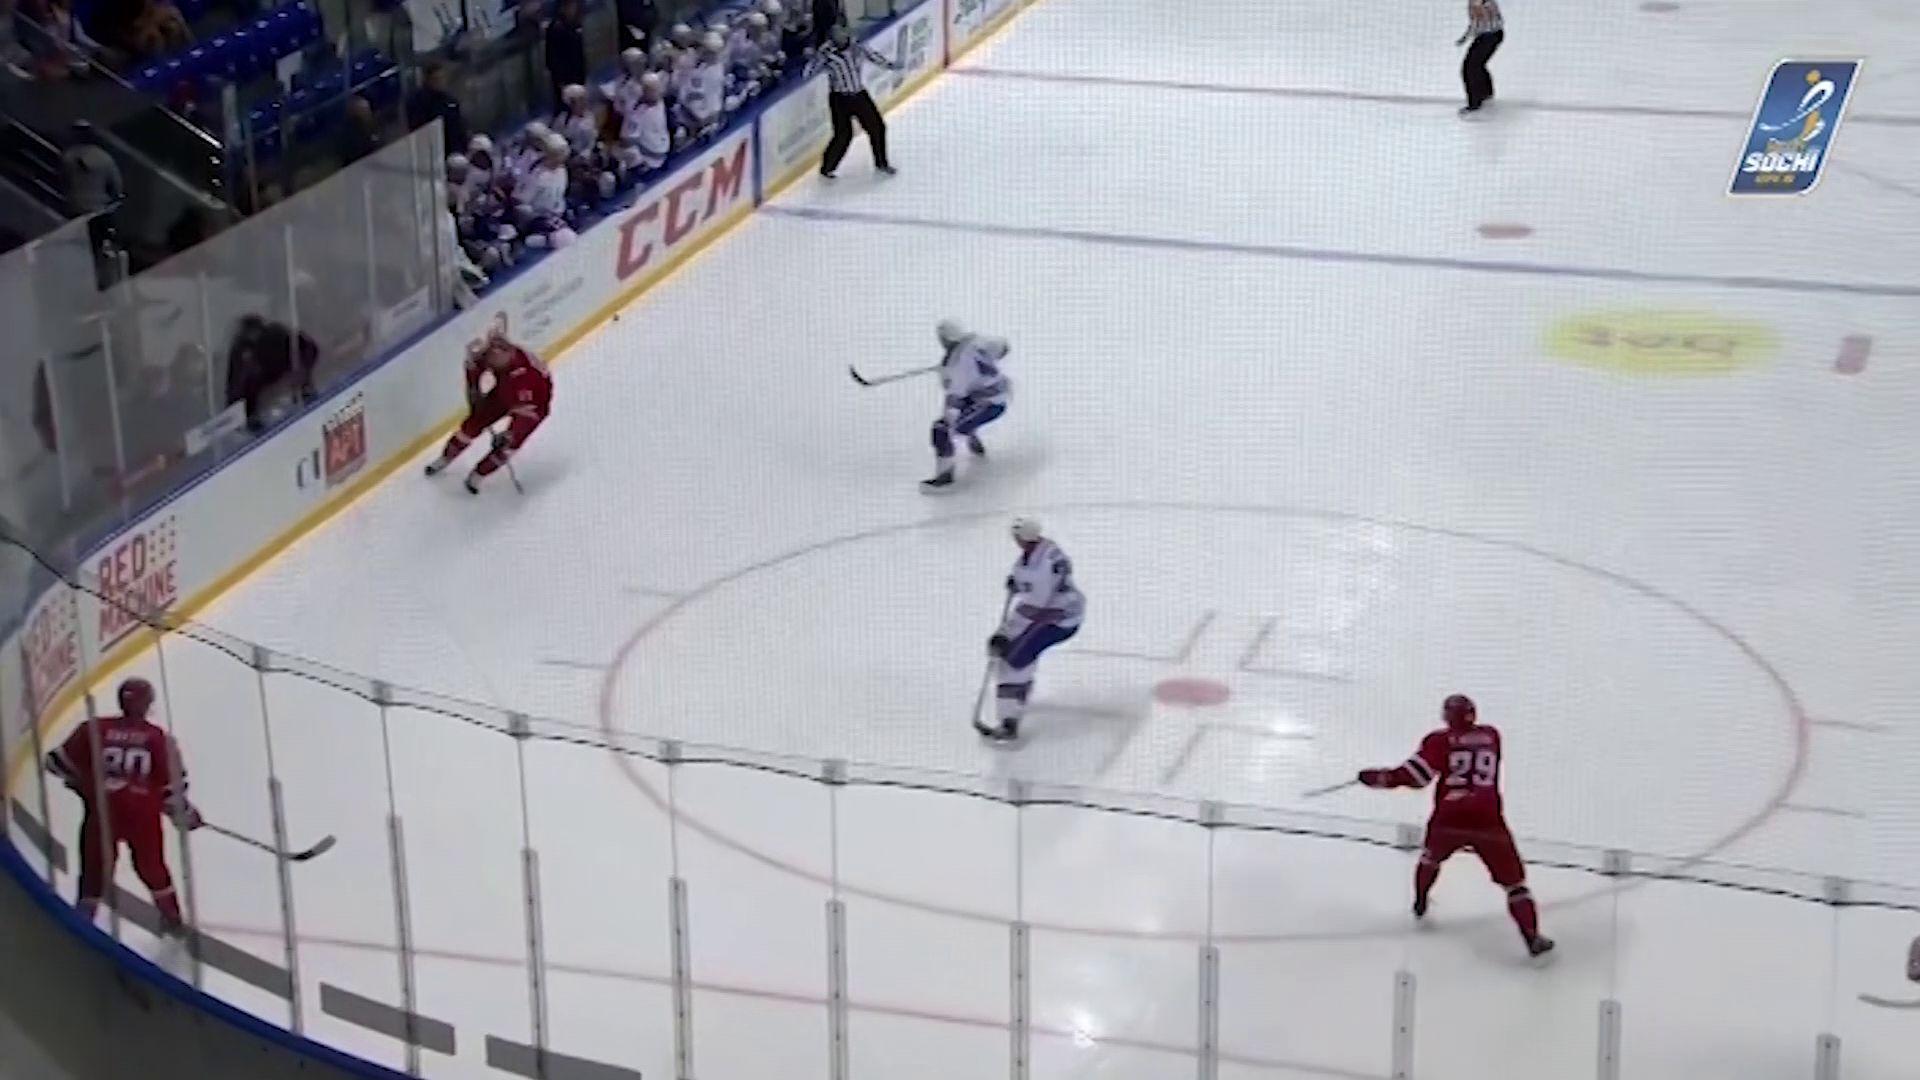 За серией СКА и «Локомотива» на турнире «Sochi Hockey Open» в прямом эфире следило более десяти миллионов человек